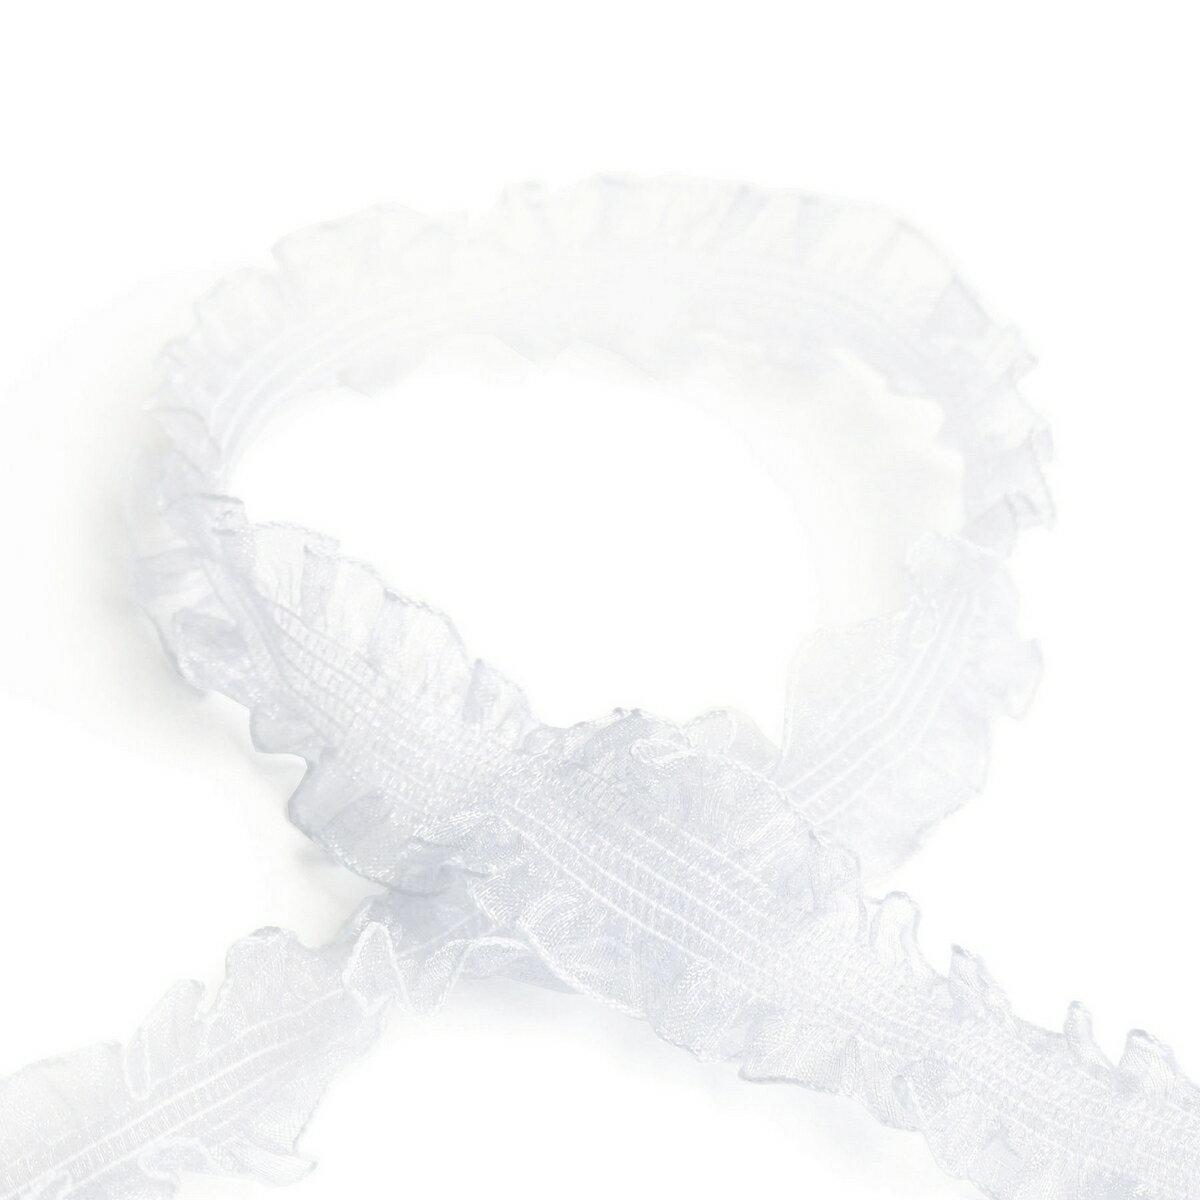 ゴム入りオーガンジーリボン 24mm×5m ホワイト